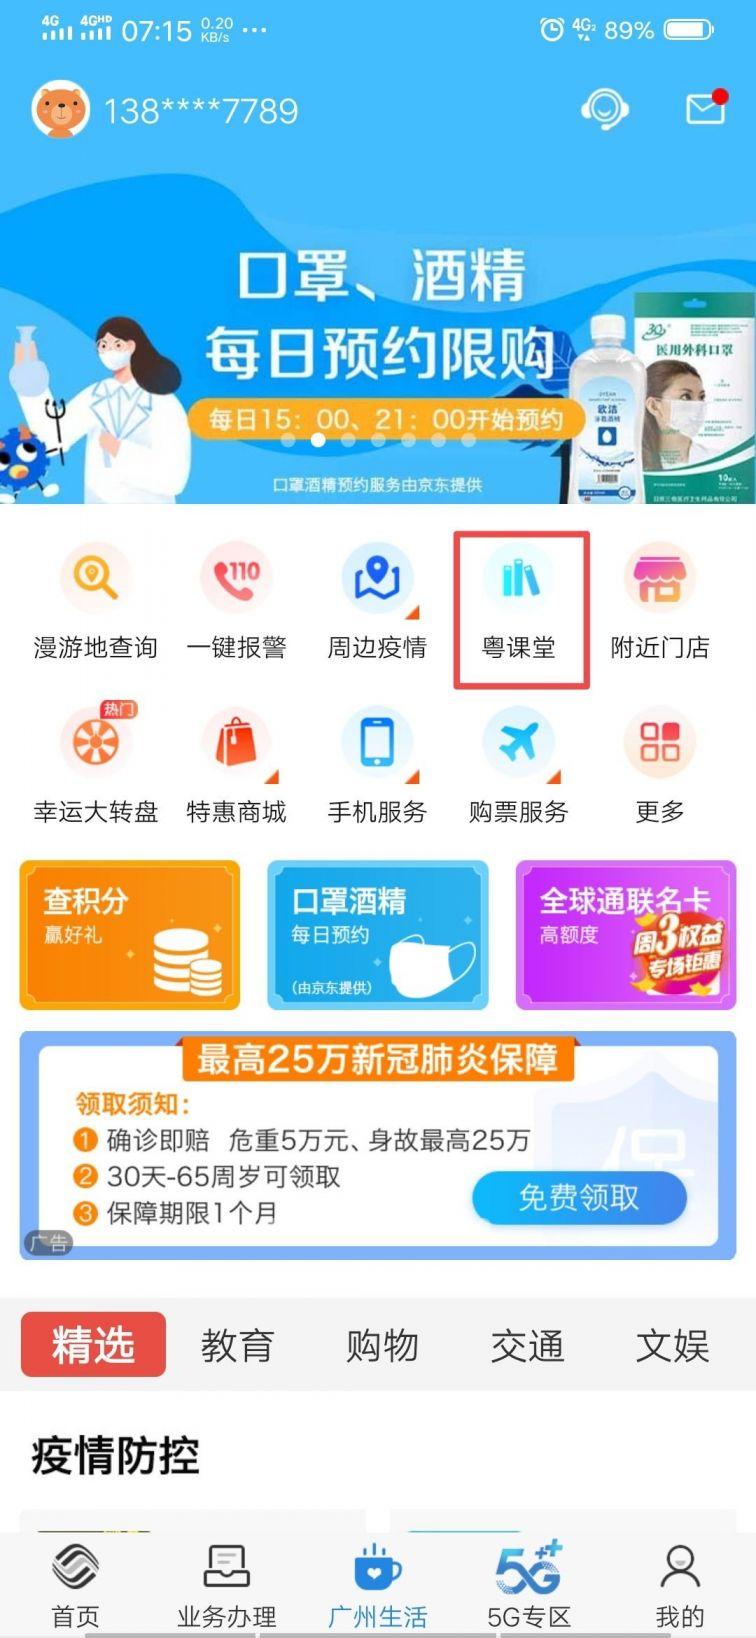 2020广东粤课堂观看入口(电视端+手机端)